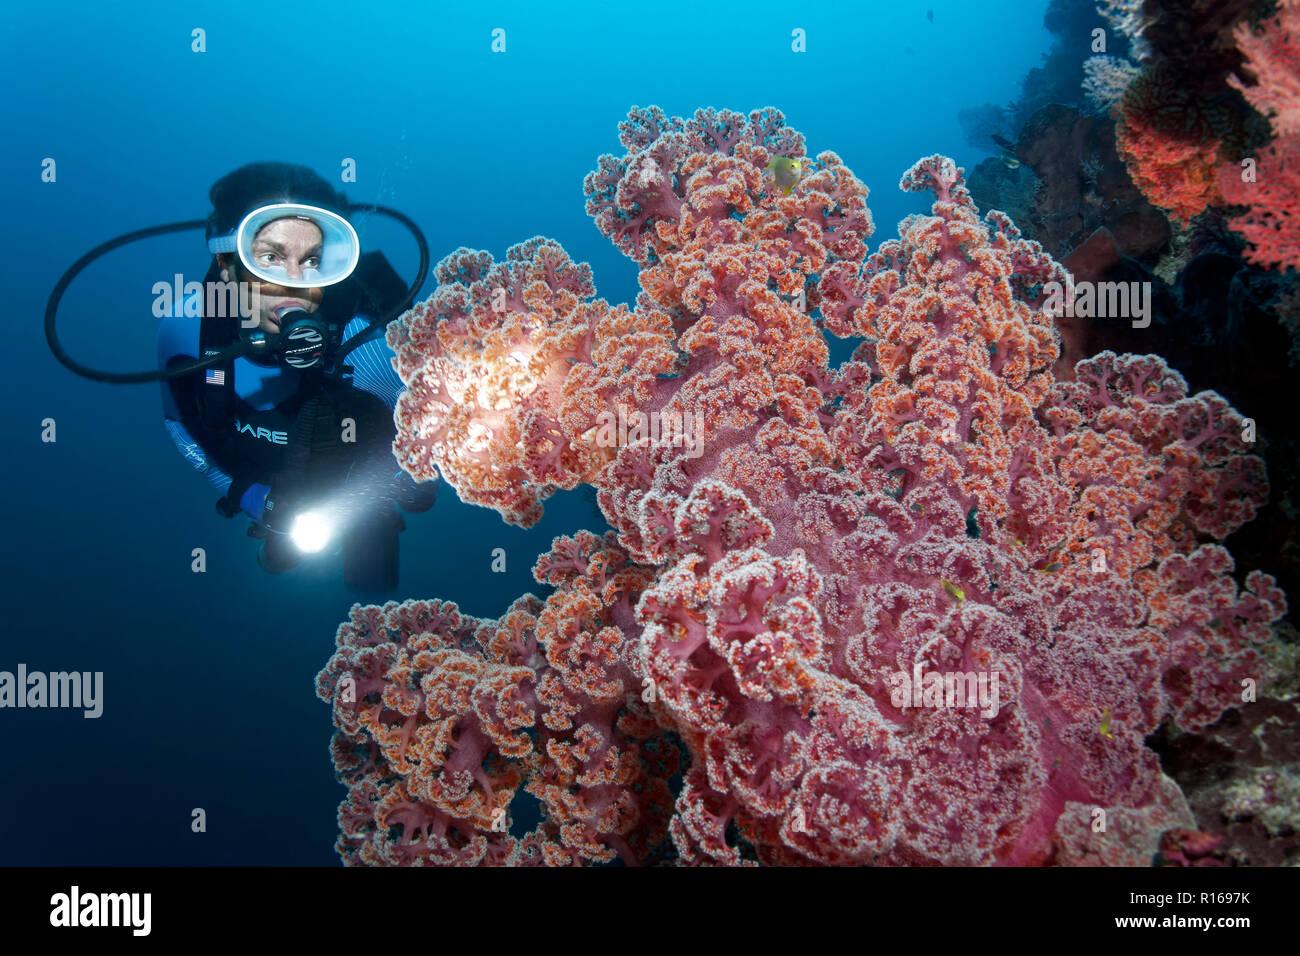 Buzo con lámpara grande vistos coral blando (Dendronephthya mucronata), rojo, la Gran Barrera de Coral, el Pacífico, Australia Imagen De Stock